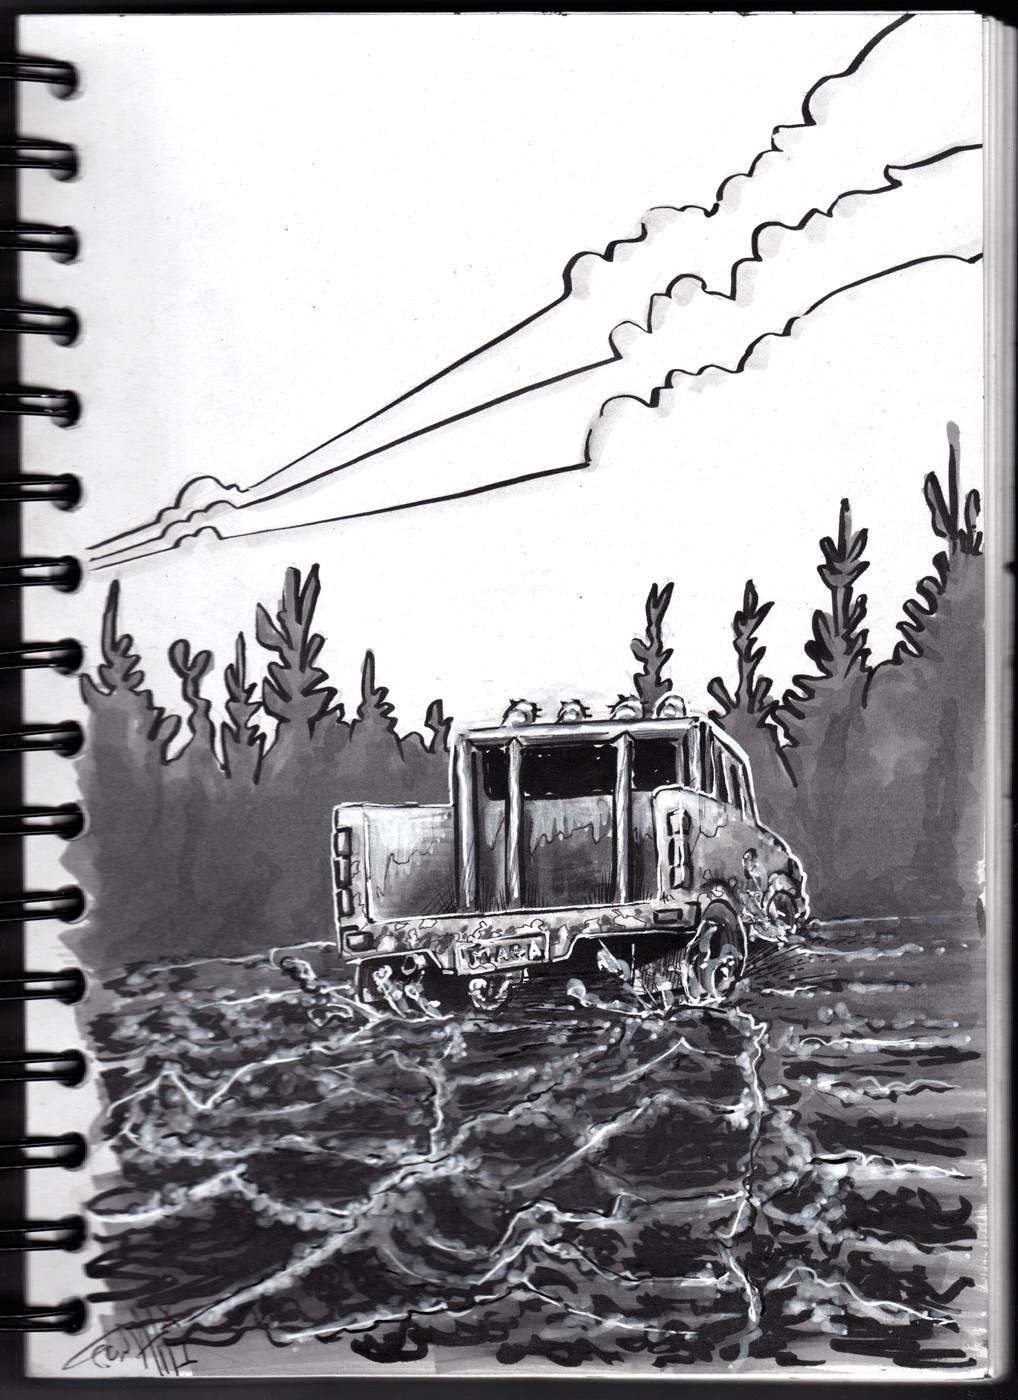 23.Muddy